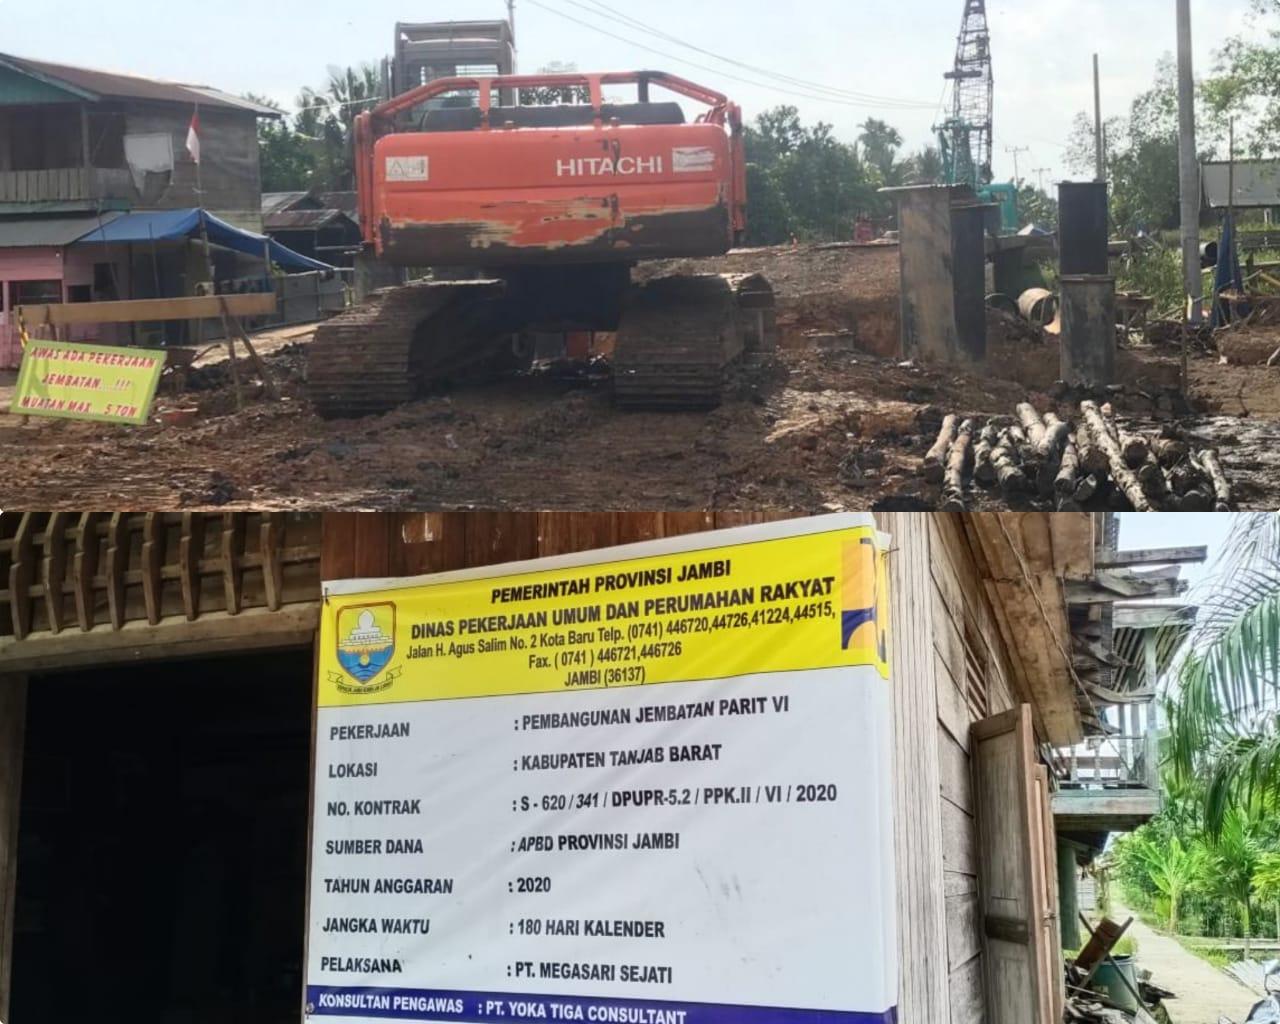 Proyek Pembangunan Jembatan Milik PUPR Provinsi Jambi Tidak Transparan, Dewan Minta Sesuai Ketentuan